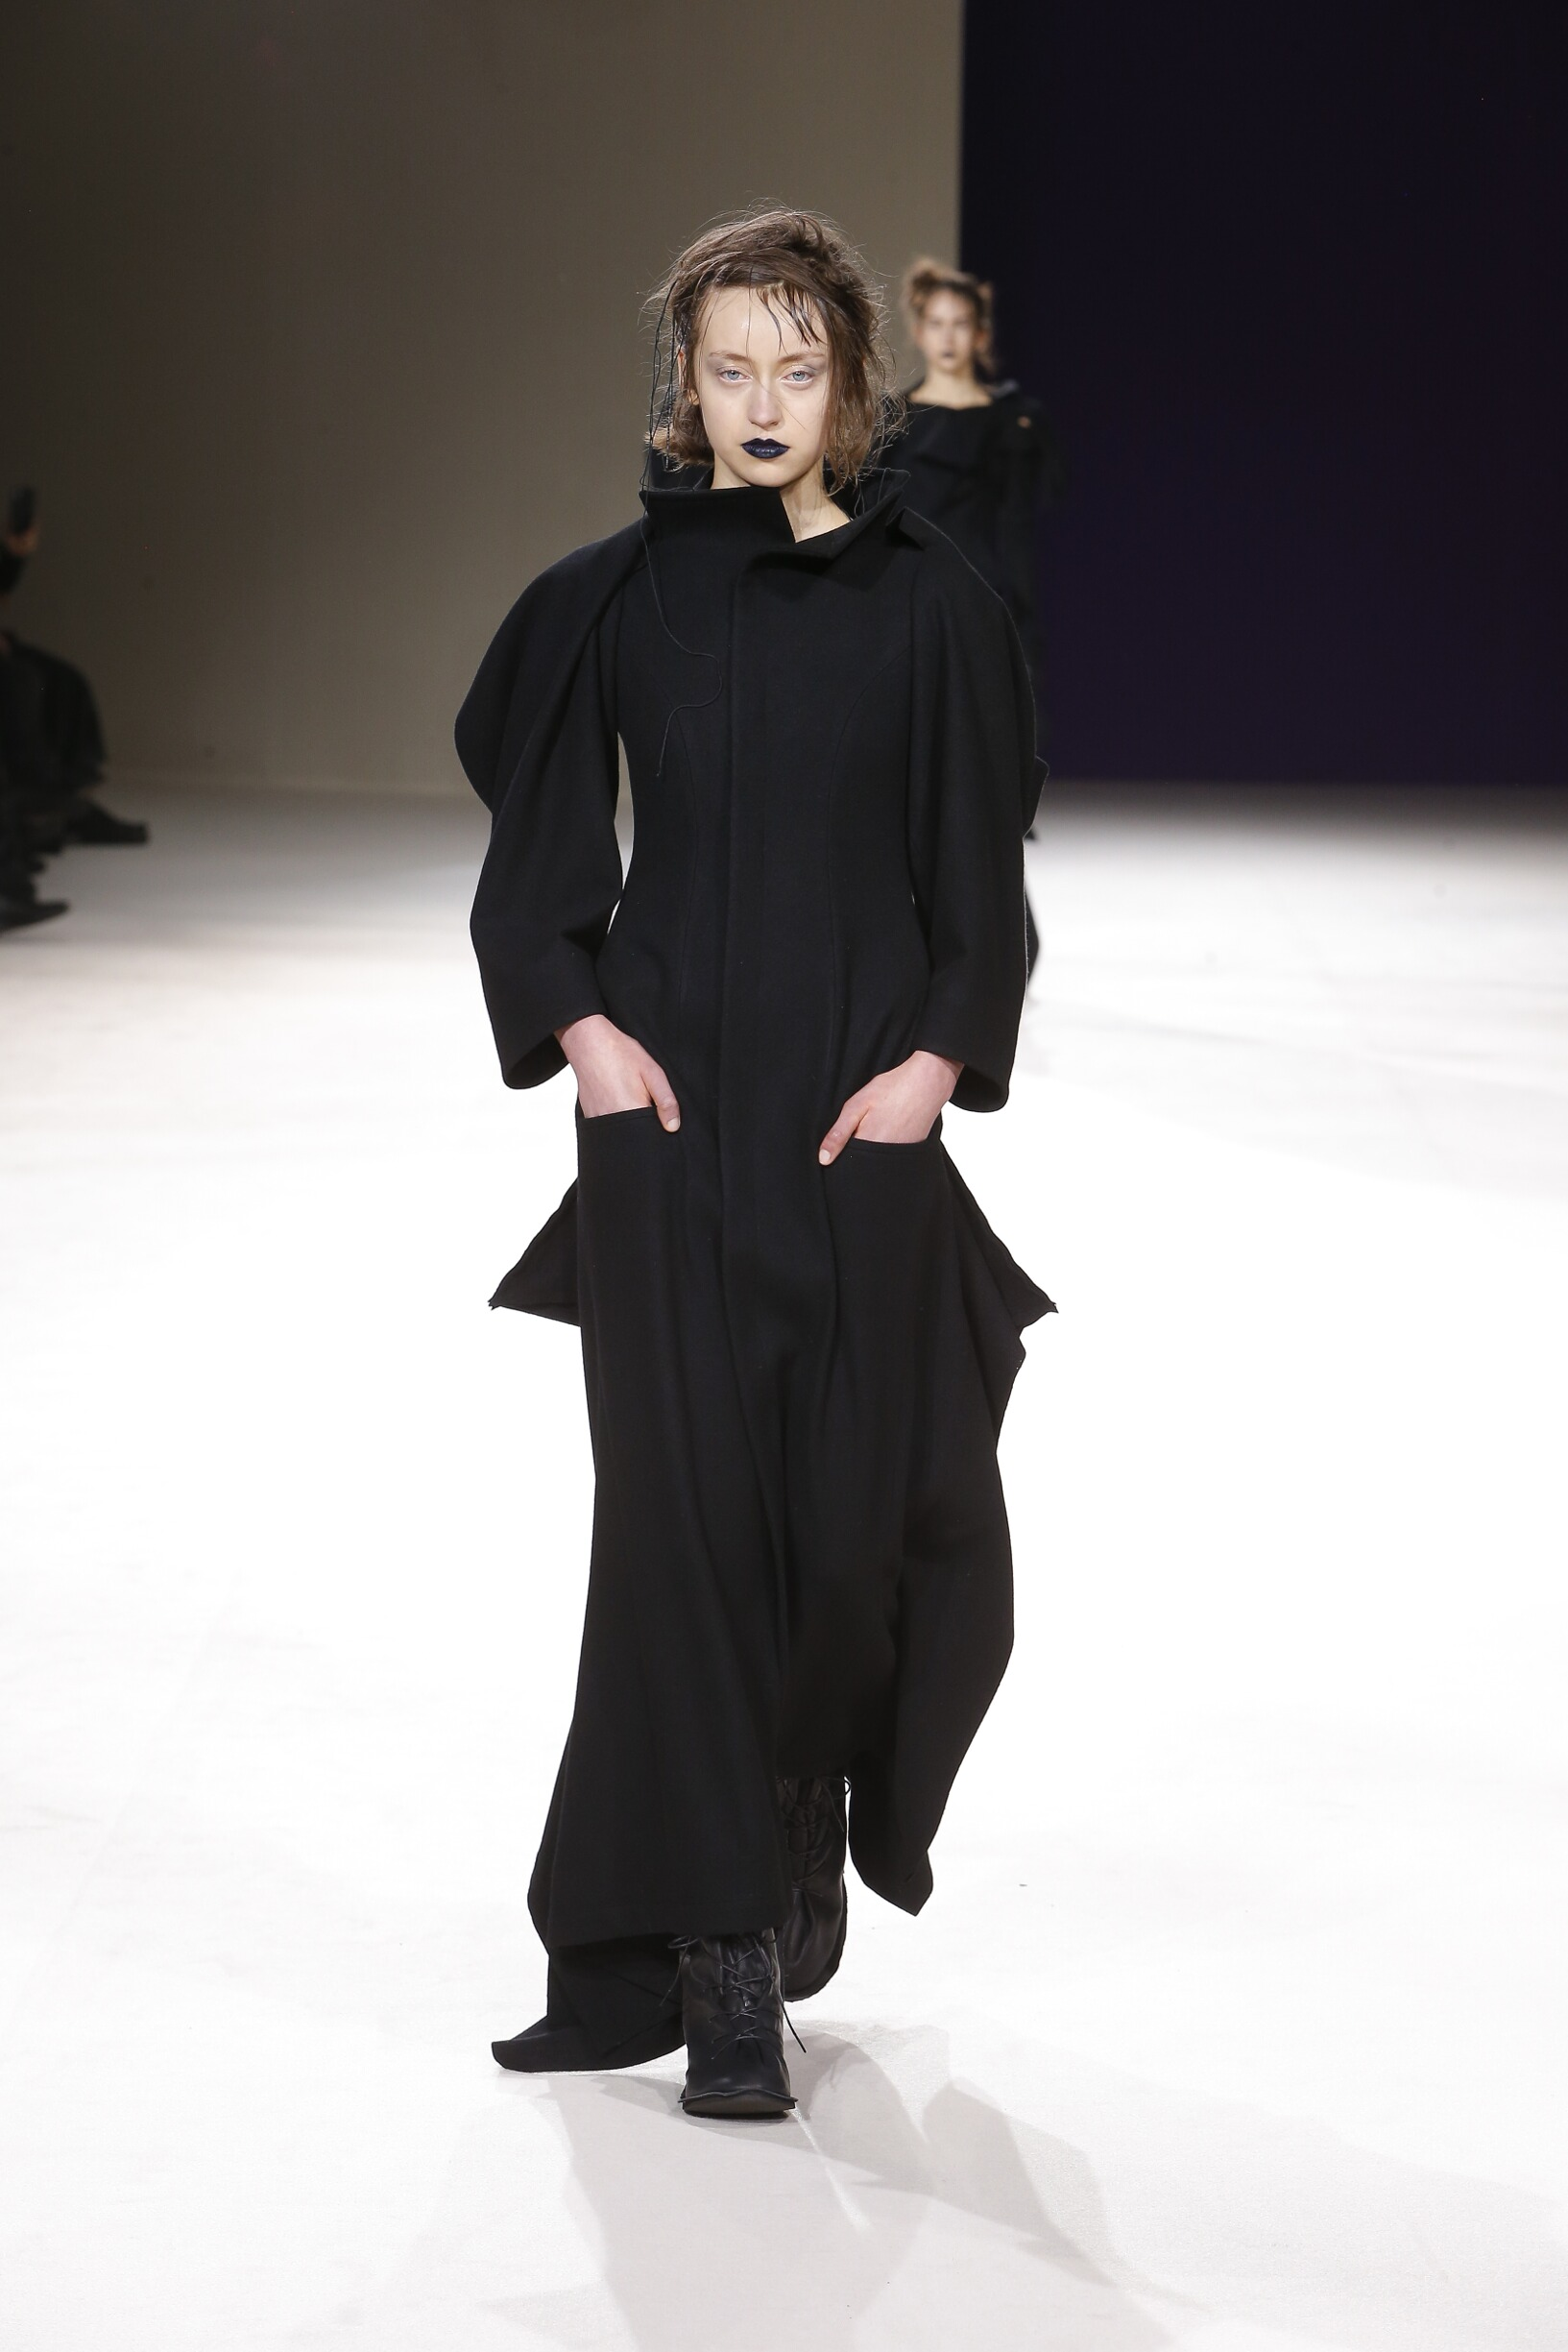 Yohji Yamamoto Womenswear Fashion Show